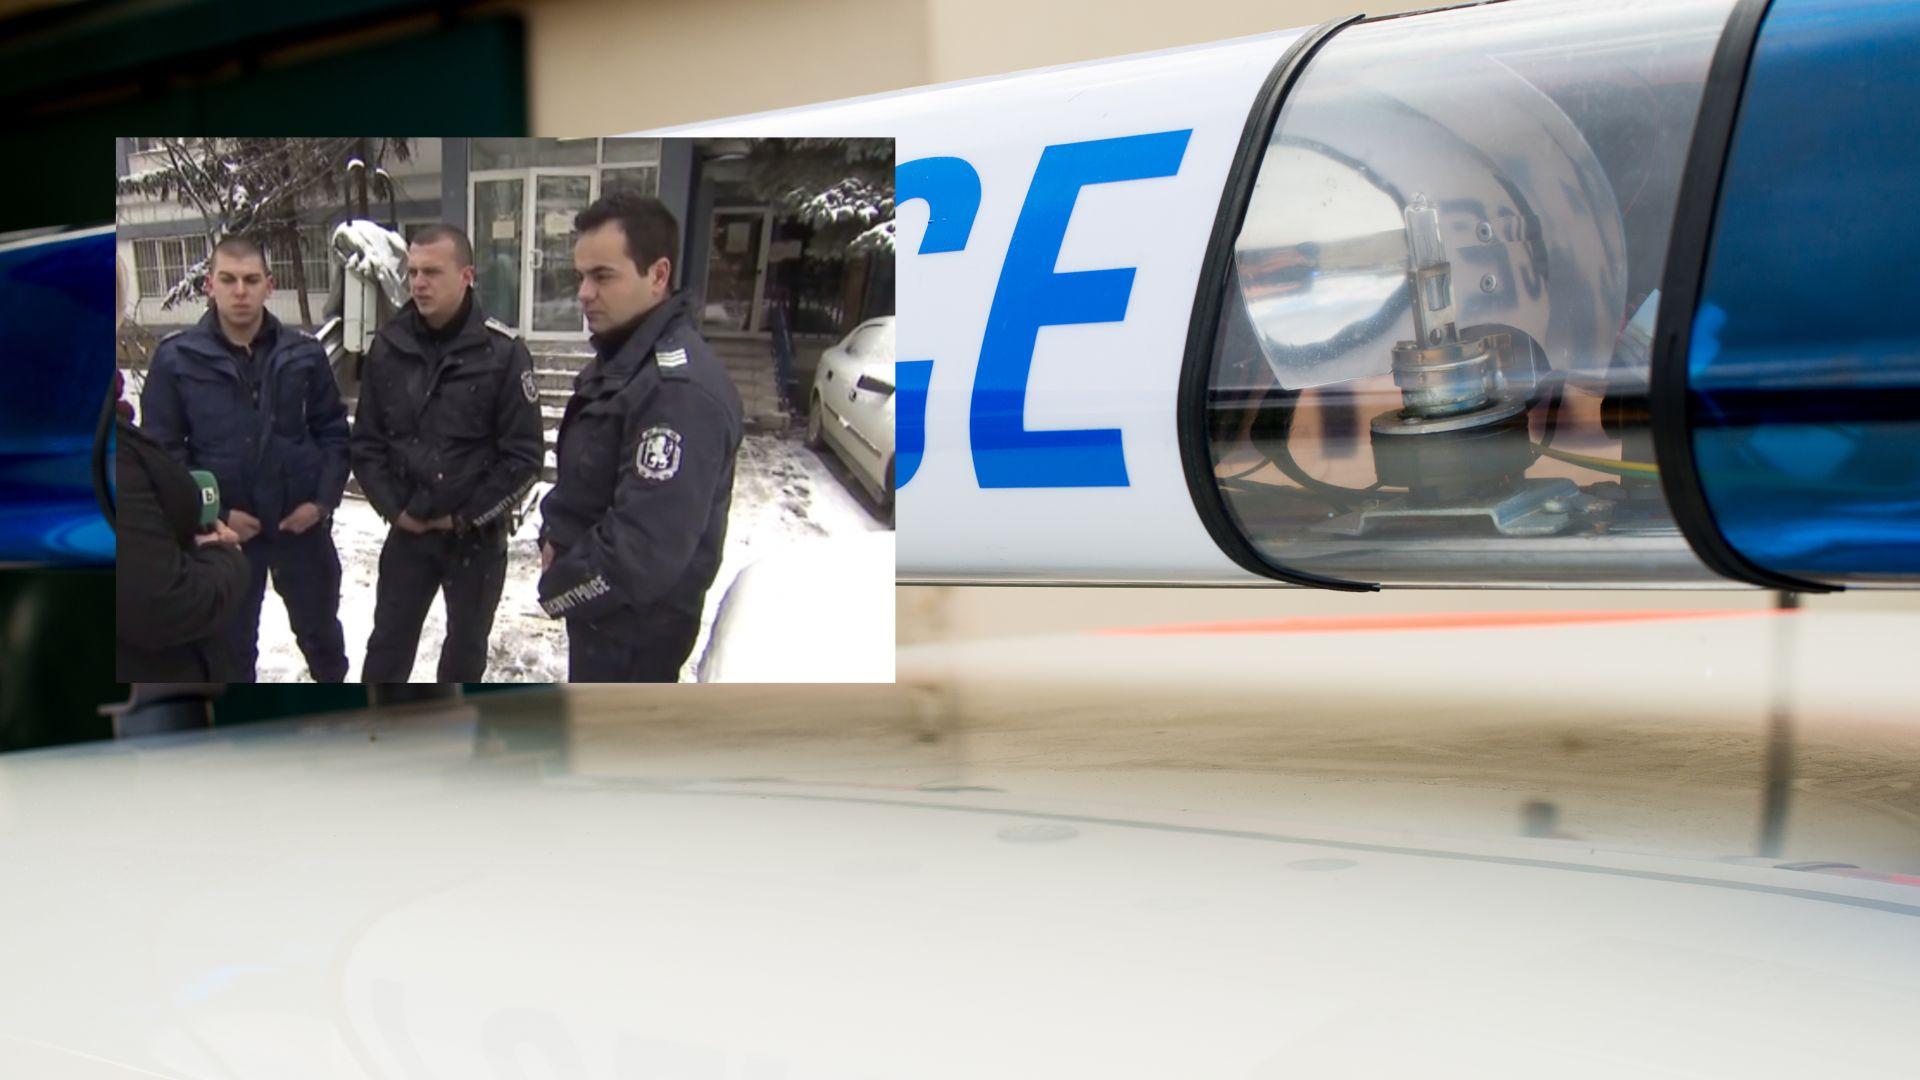 След екшъна с такси: Говорят пострадалите полицаи